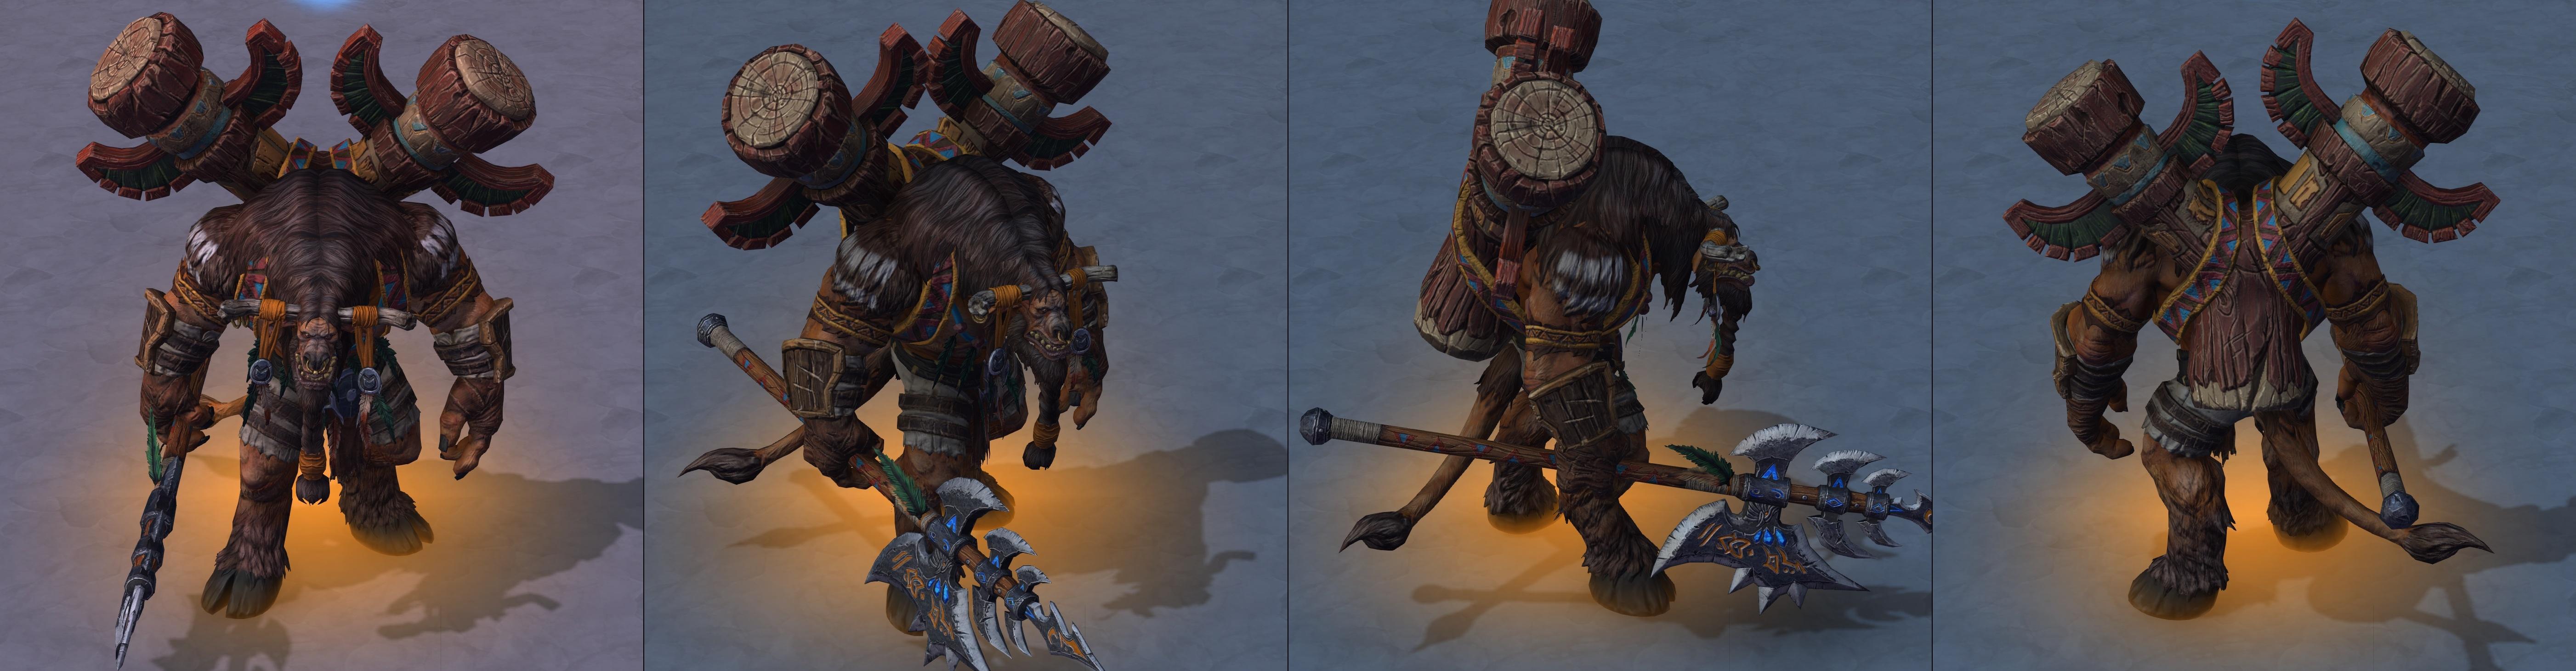 Утечка: озвучка и модели Сильваны, Артаса, Джайны и других персонажей Wacraft III: Reforged